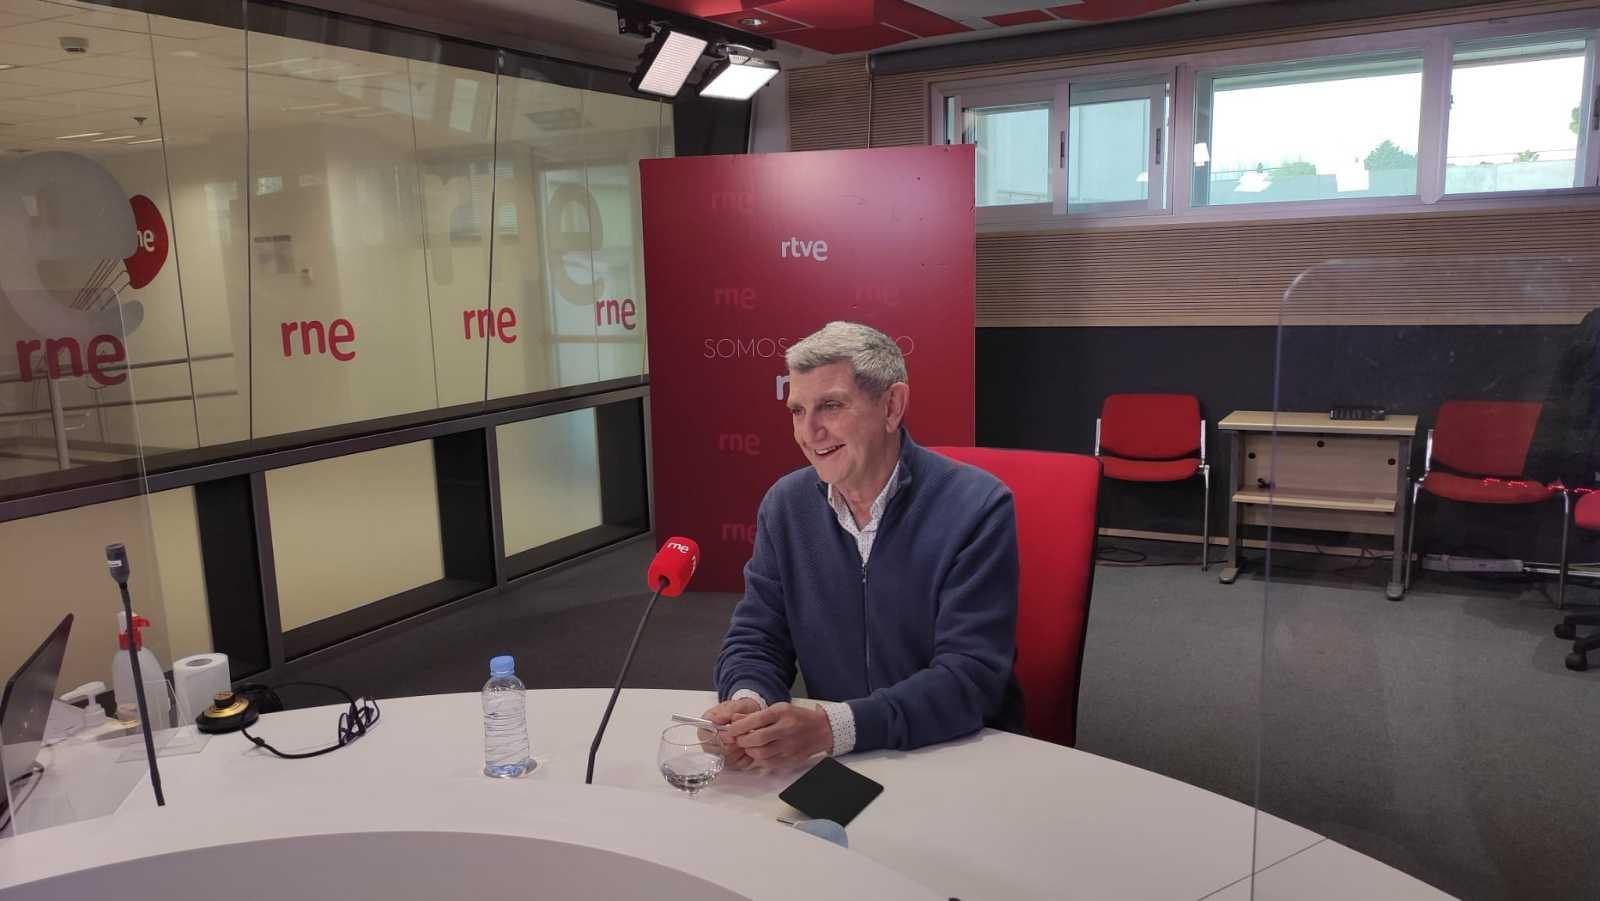 """Las mañanas de RNE con Íñigo Alfonso - José Manuel Pérez Tornero, presidente de RTVE: """"Debemos ser independientes del poder político. No podemos recibir injerencias. Sugerencias, todas"""" - escuchar ahora"""